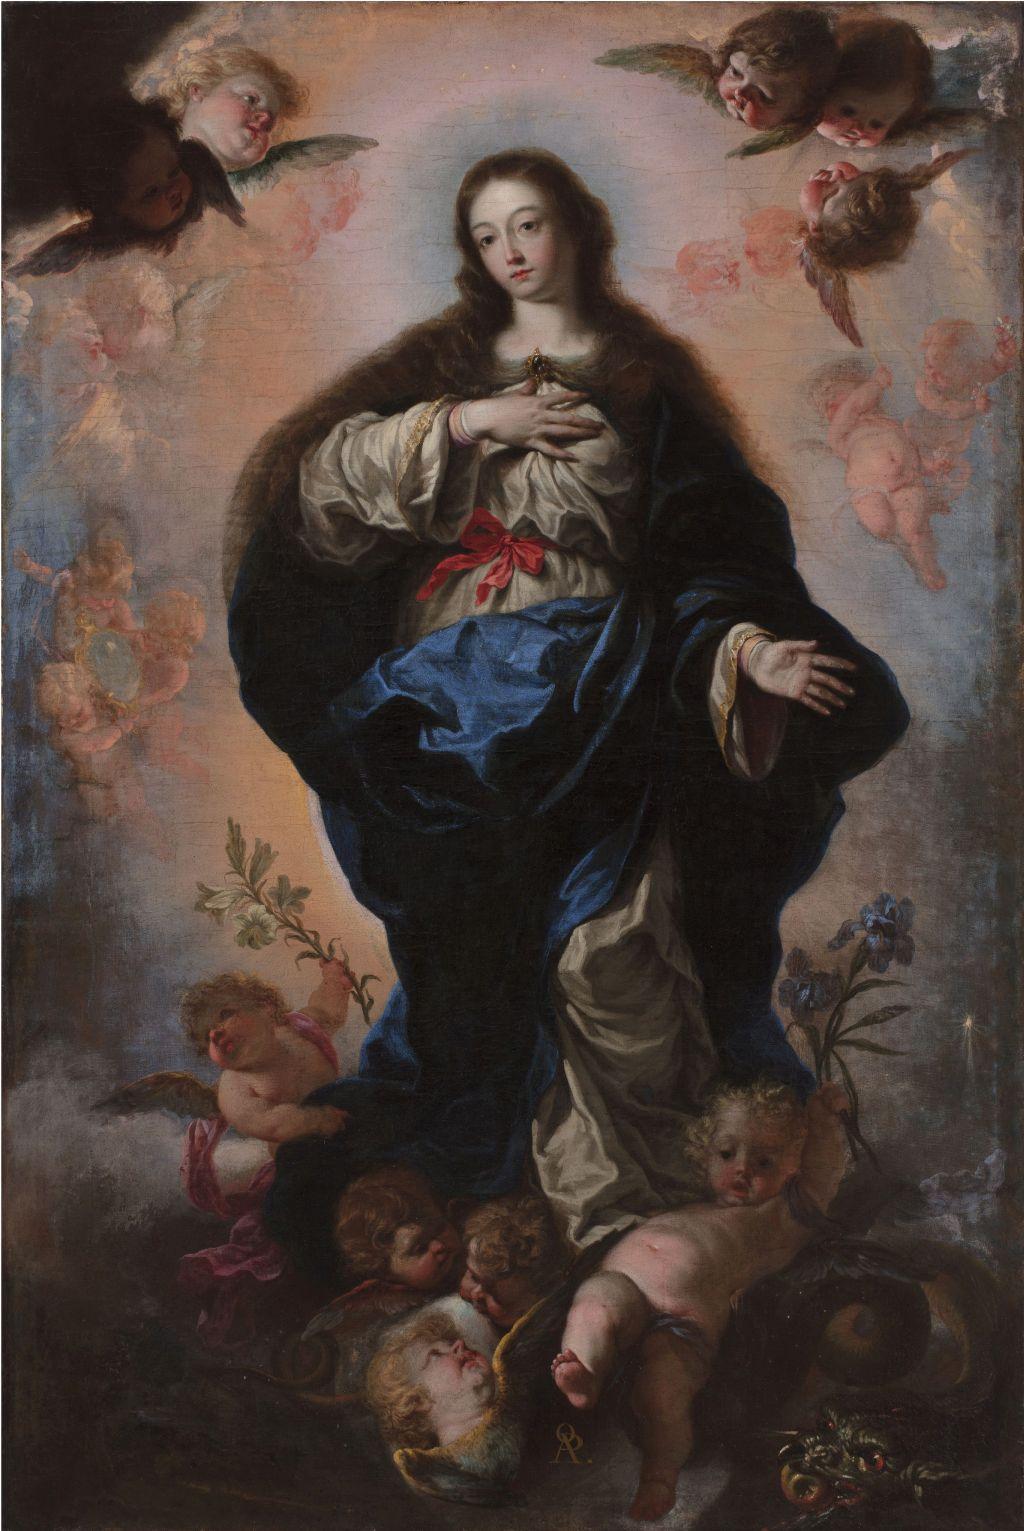 Palomino, Immaculada Concepció, Antonio Palomino y Velasco